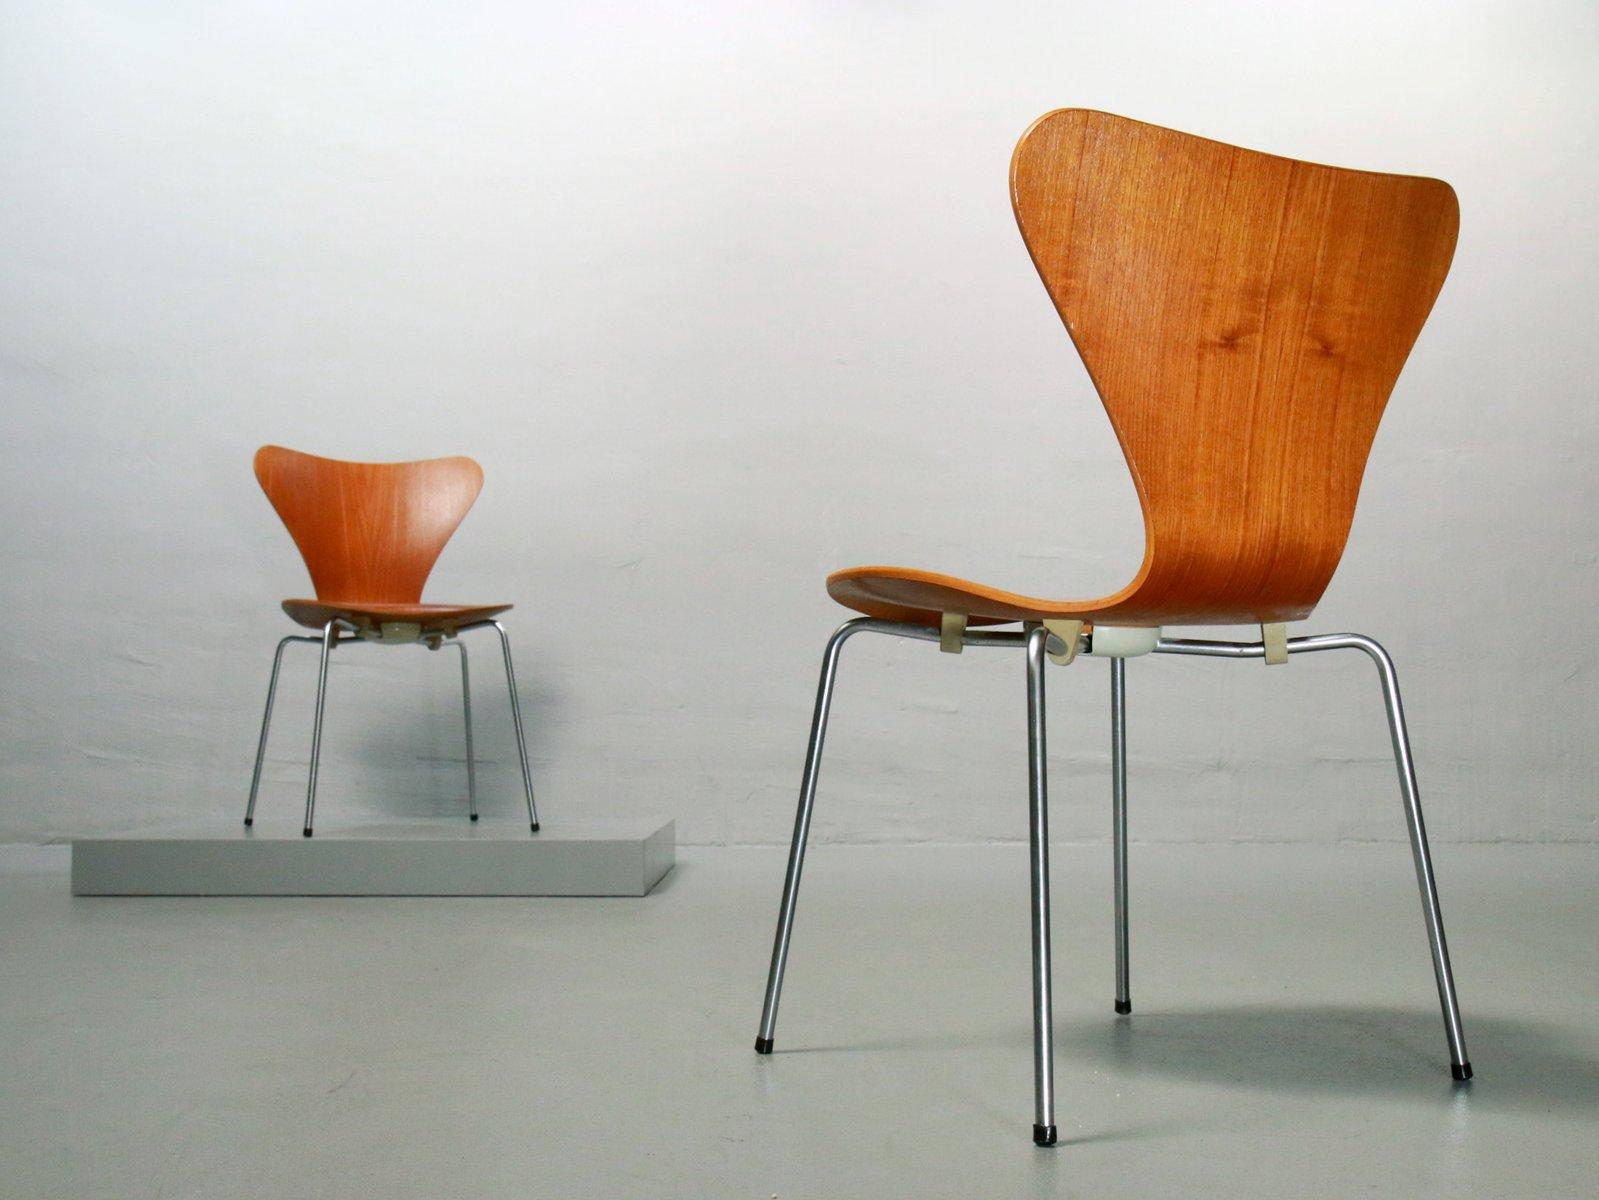 3107 Teak Chair by Arne Jacobsen for Fritz Hansen 1970 for sale